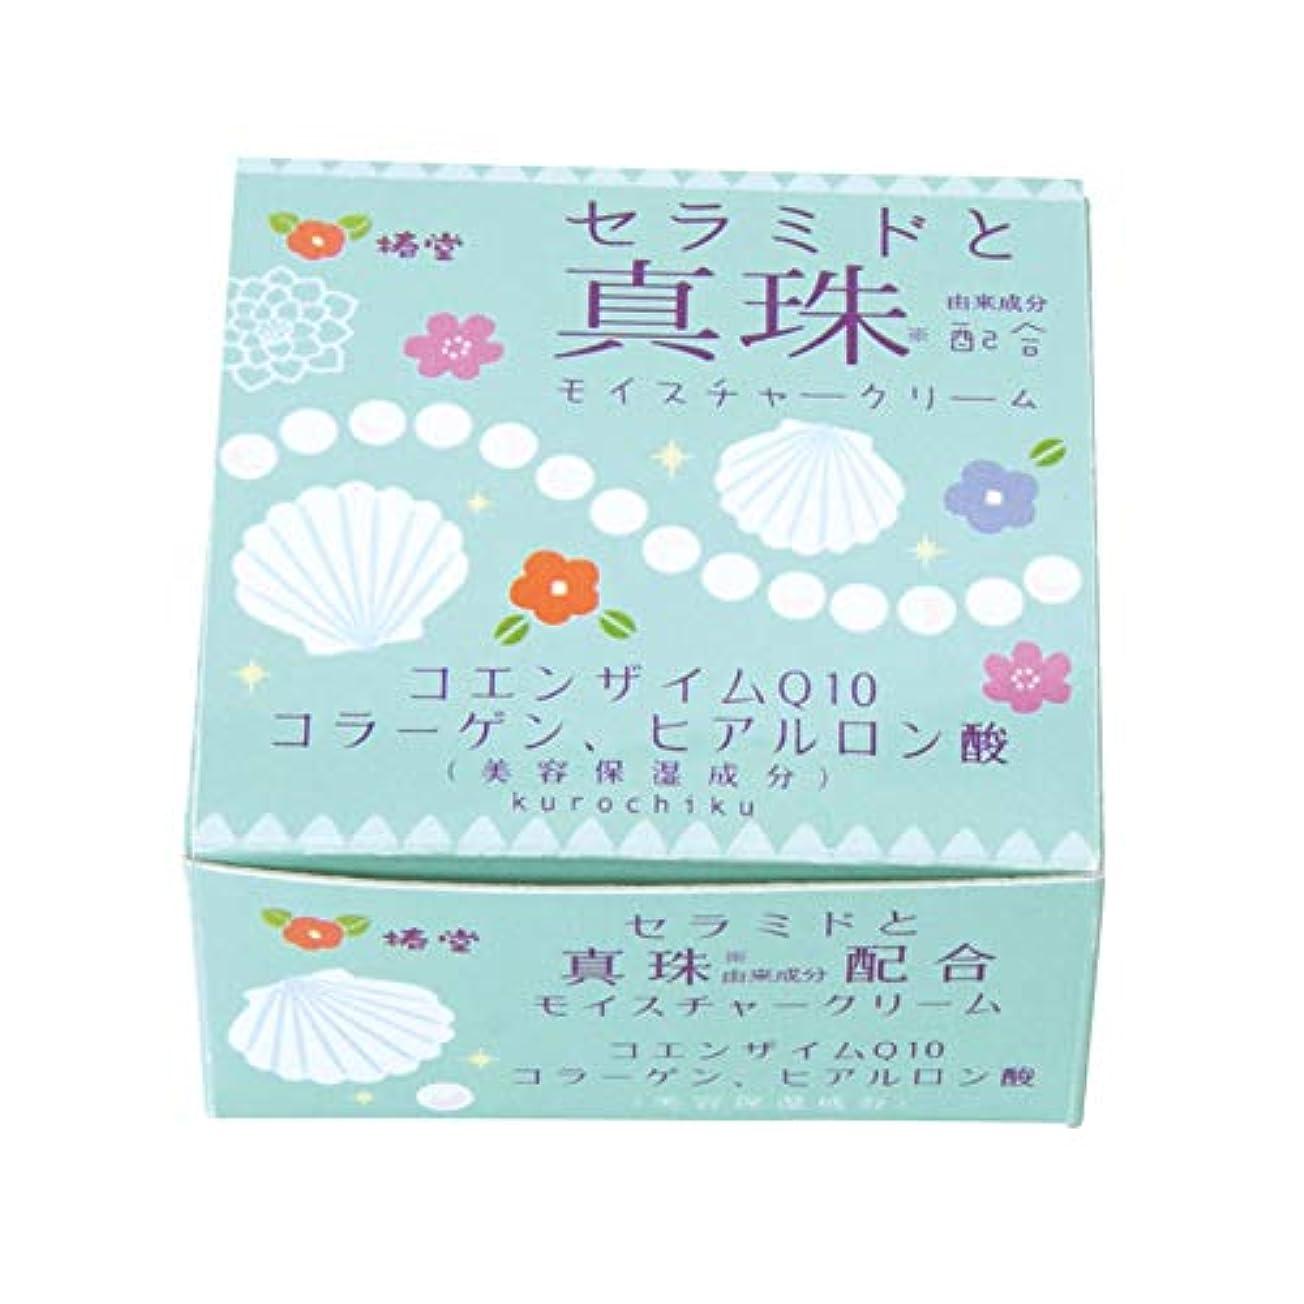 水没本気ラインナップ椿堂 真珠モイスチャークリーム (セラミドと真珠) 京都くろちく